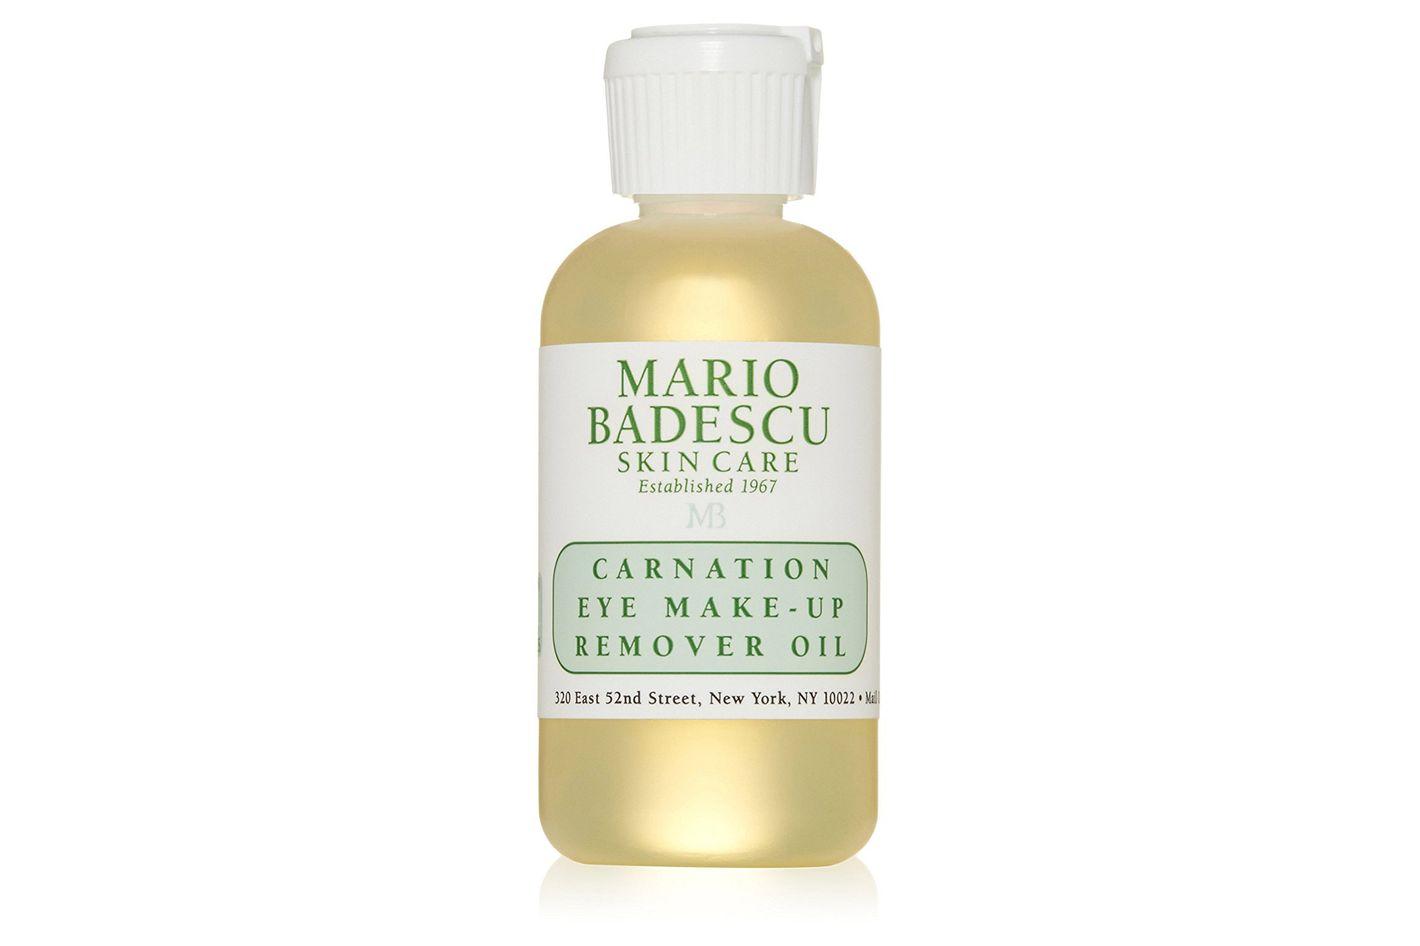 Mario Badescu Carnation Oil Eye Makeup Remover